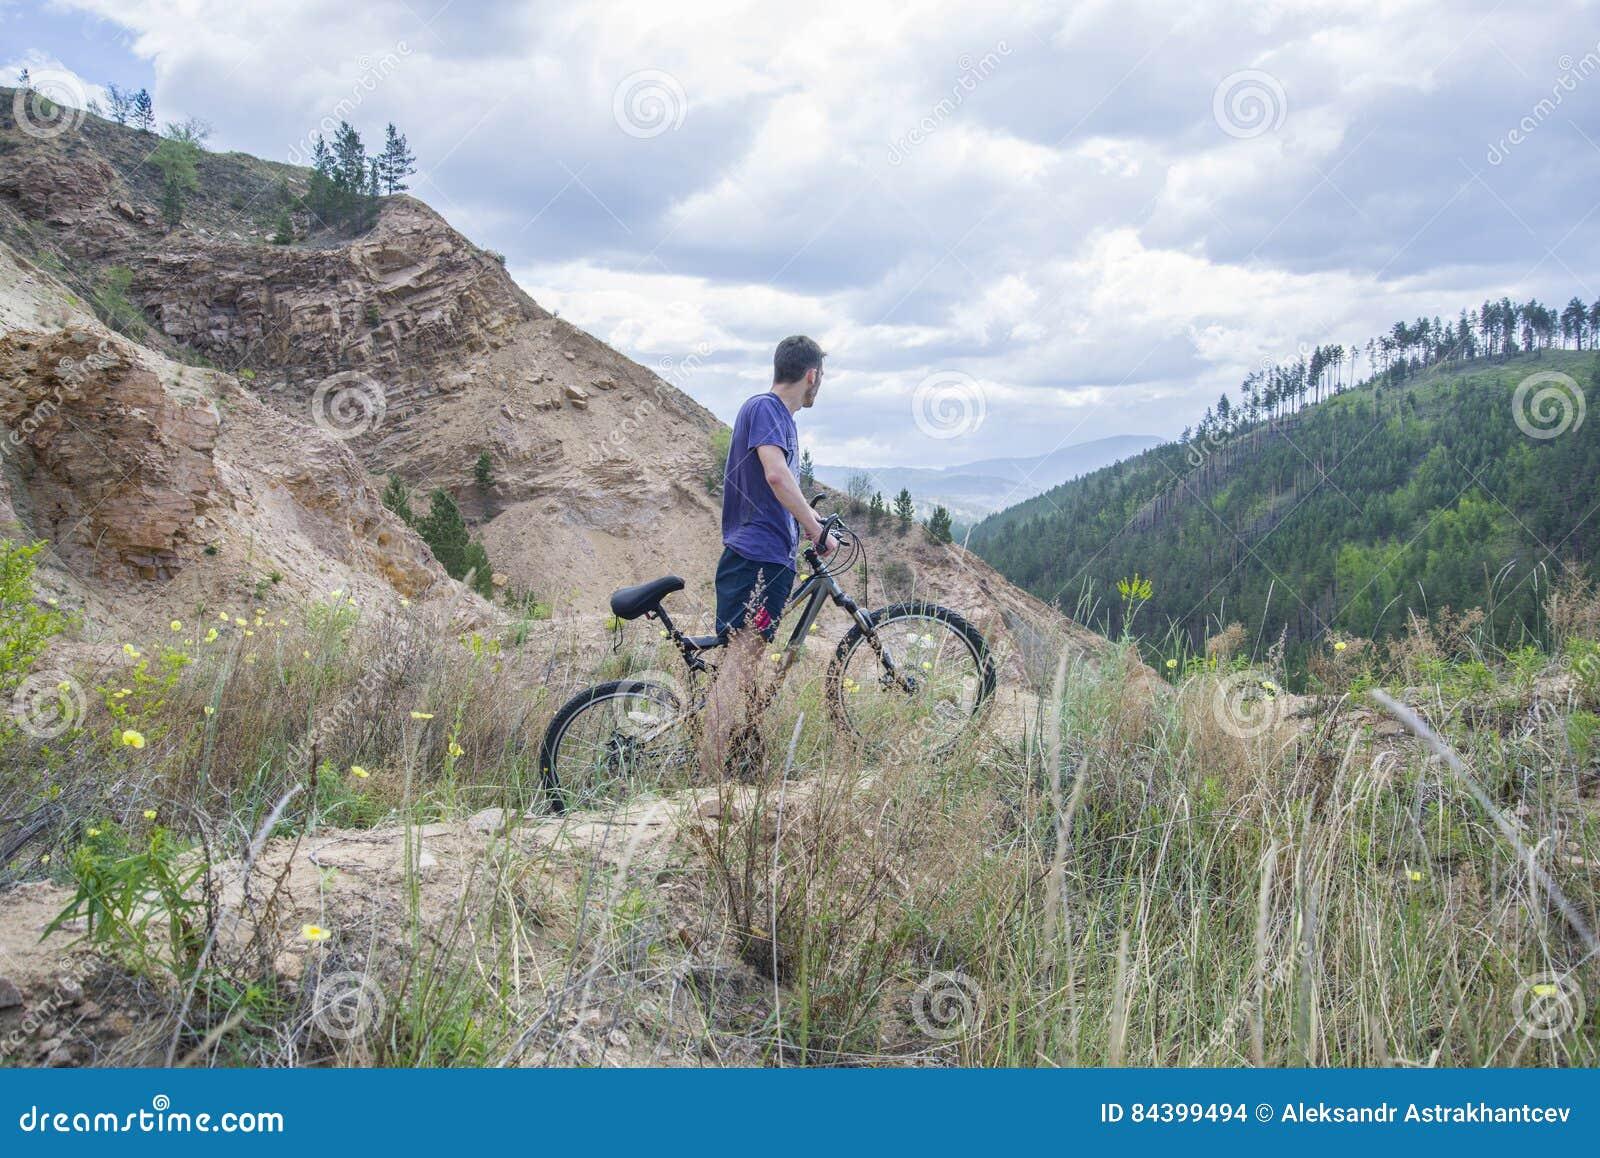 Junger Mann auf Mountainbike in den Bergen